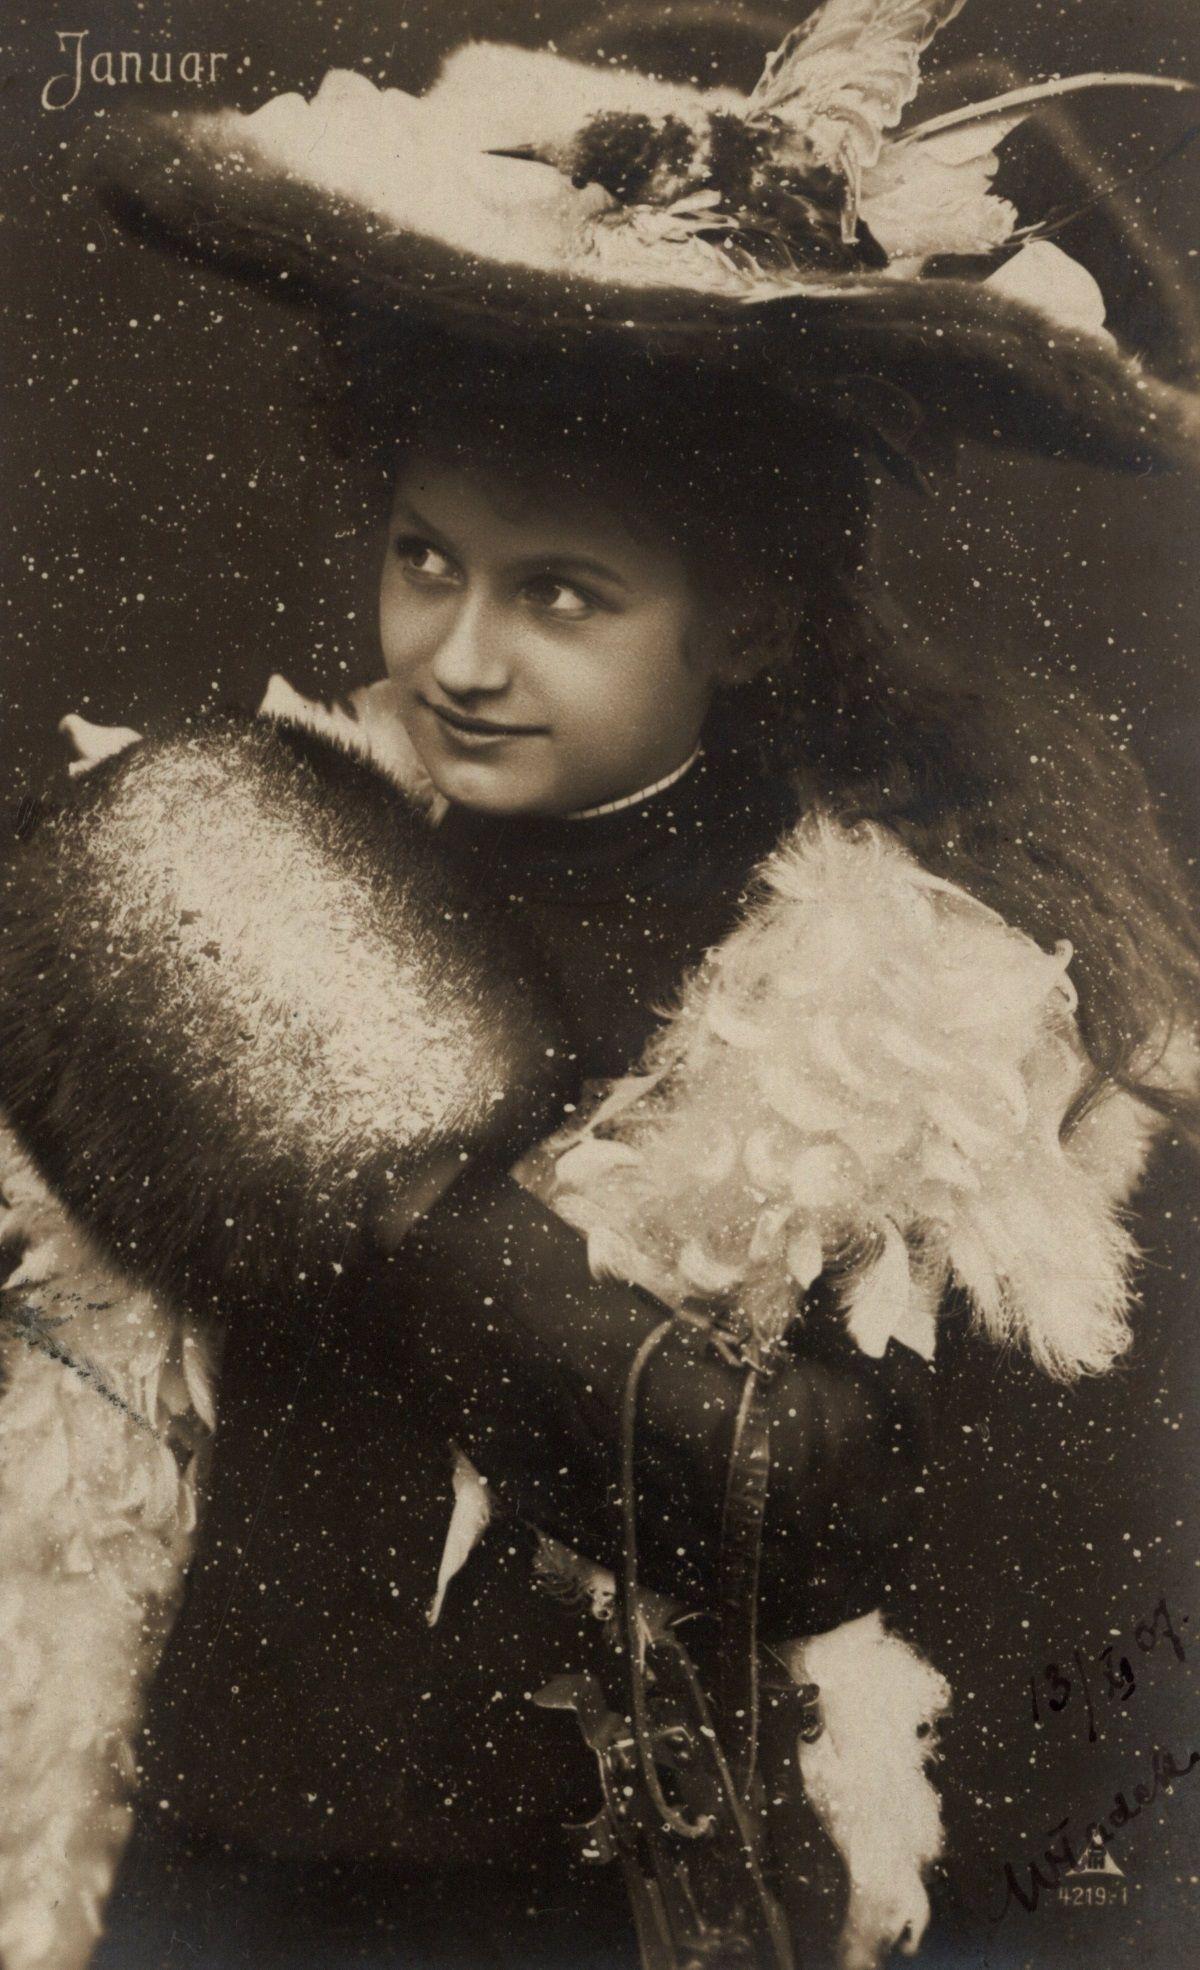 Kobieta w futrze. Pocztówka z przełomu XIX i XX wieku